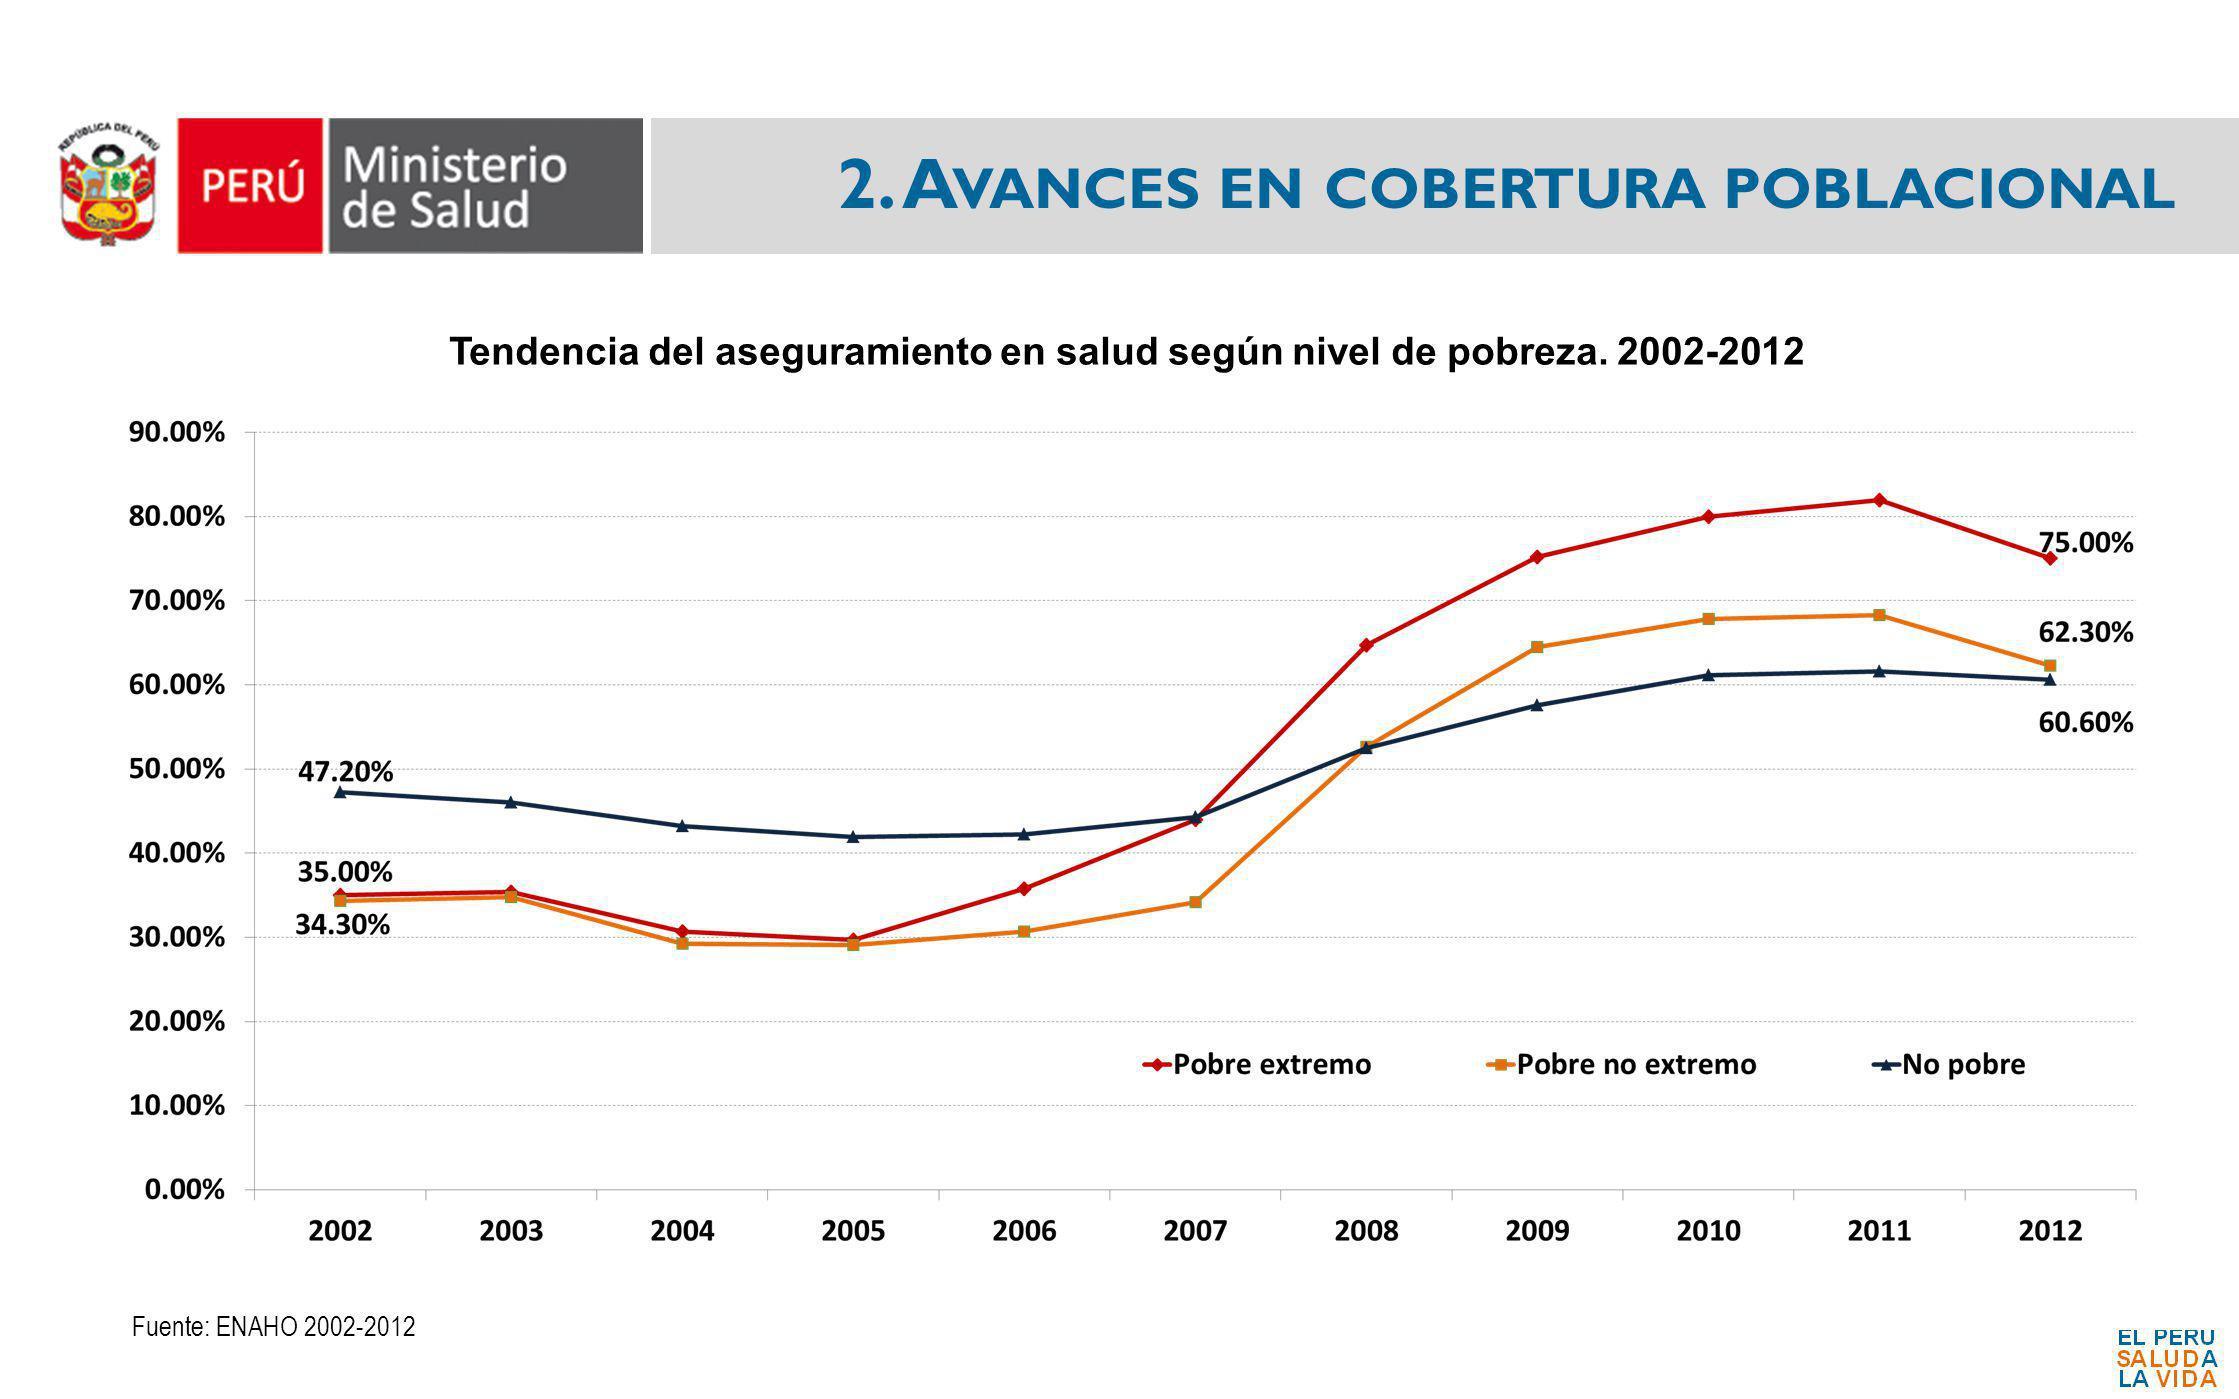 2. A VANCES EN COBERTURA POBLACIONAL Fuente: ENAHO 2002-2012 Tendencia del aseguramiento en salud según nivel de pobreza. 2002-2012